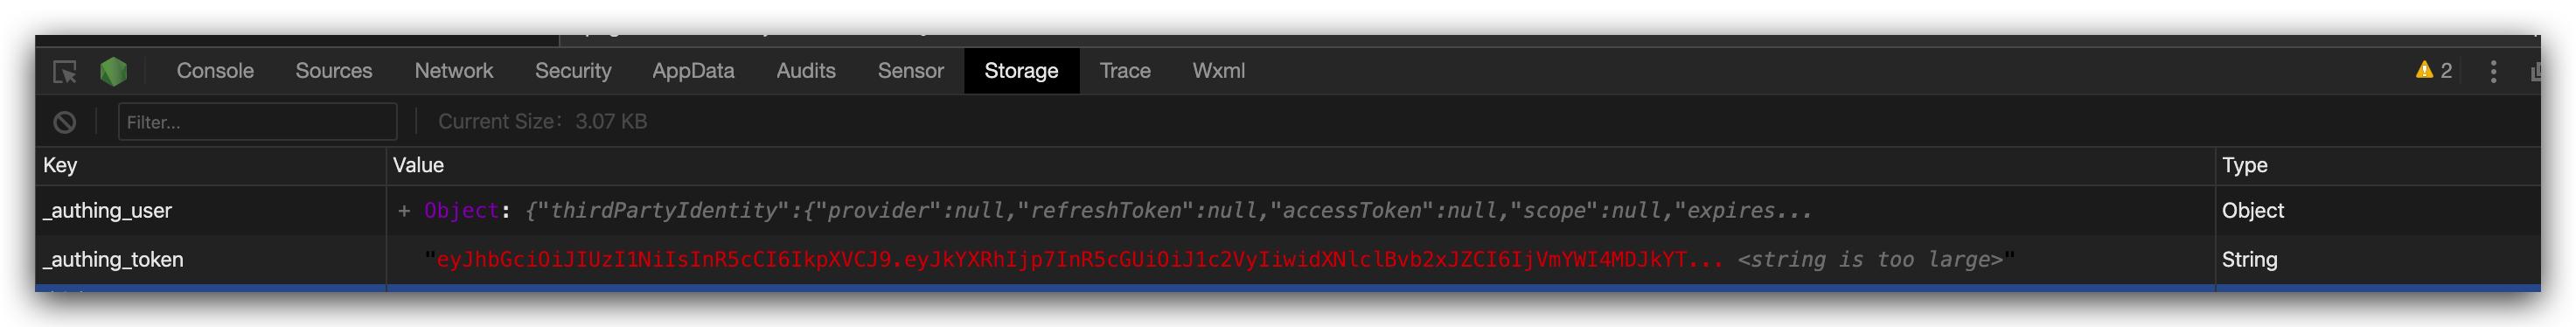 五行代码实现在小程序中接入微信登录